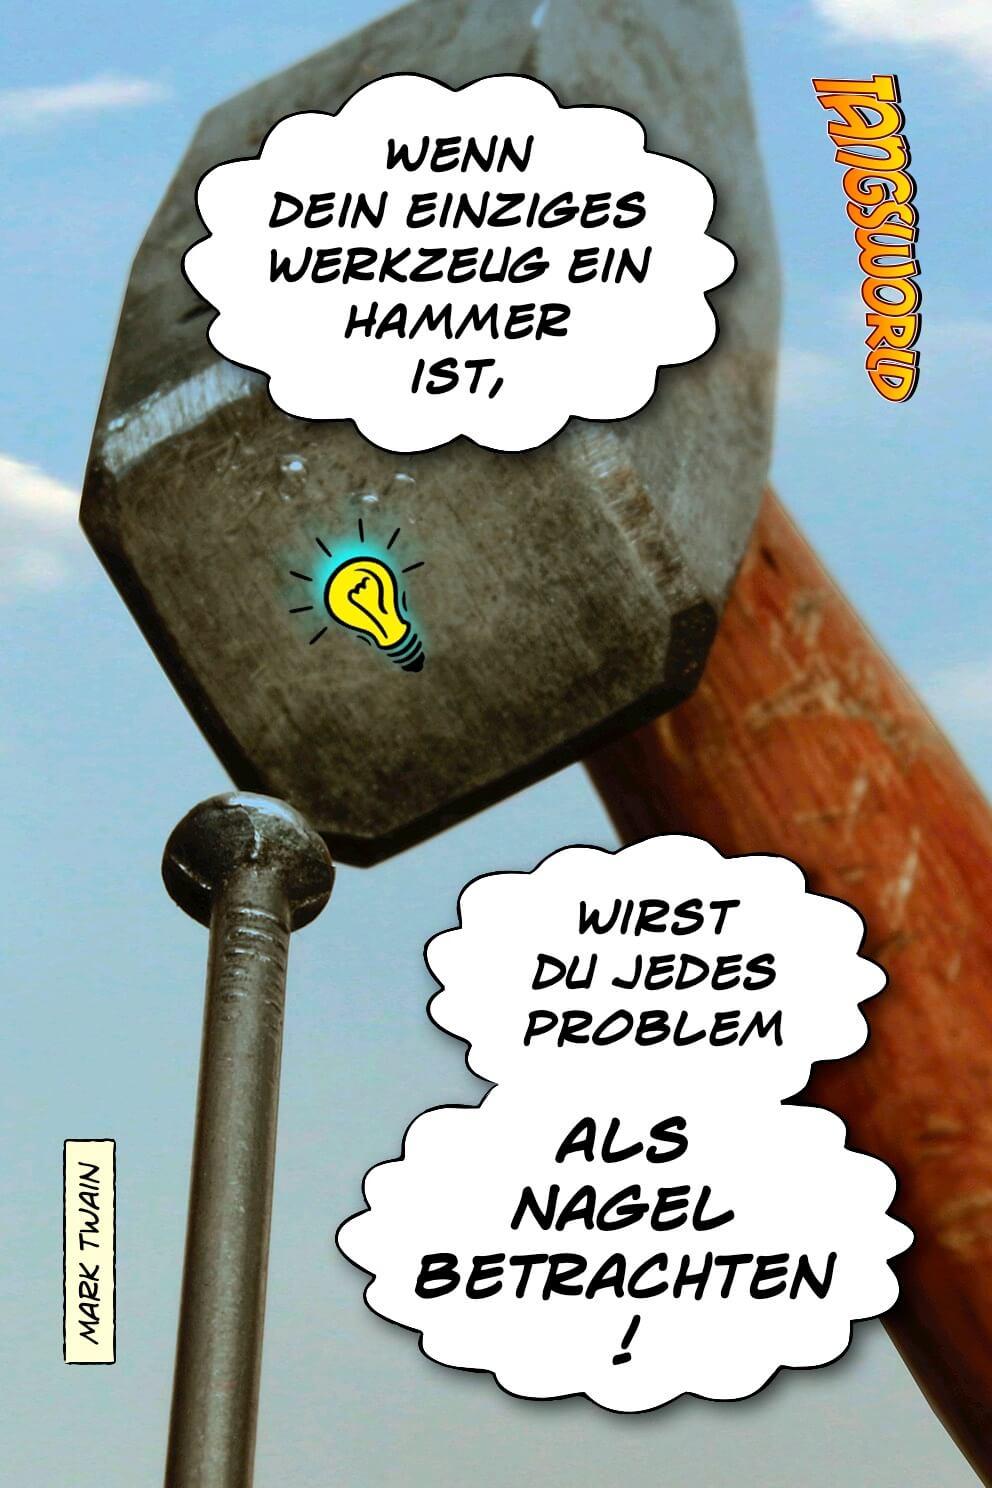 Wenn dein einziges Werkzeug ein Hammer ist, wirst du jedes Problem als Nagel betrachten. - Geistesblitze | Mark Twain